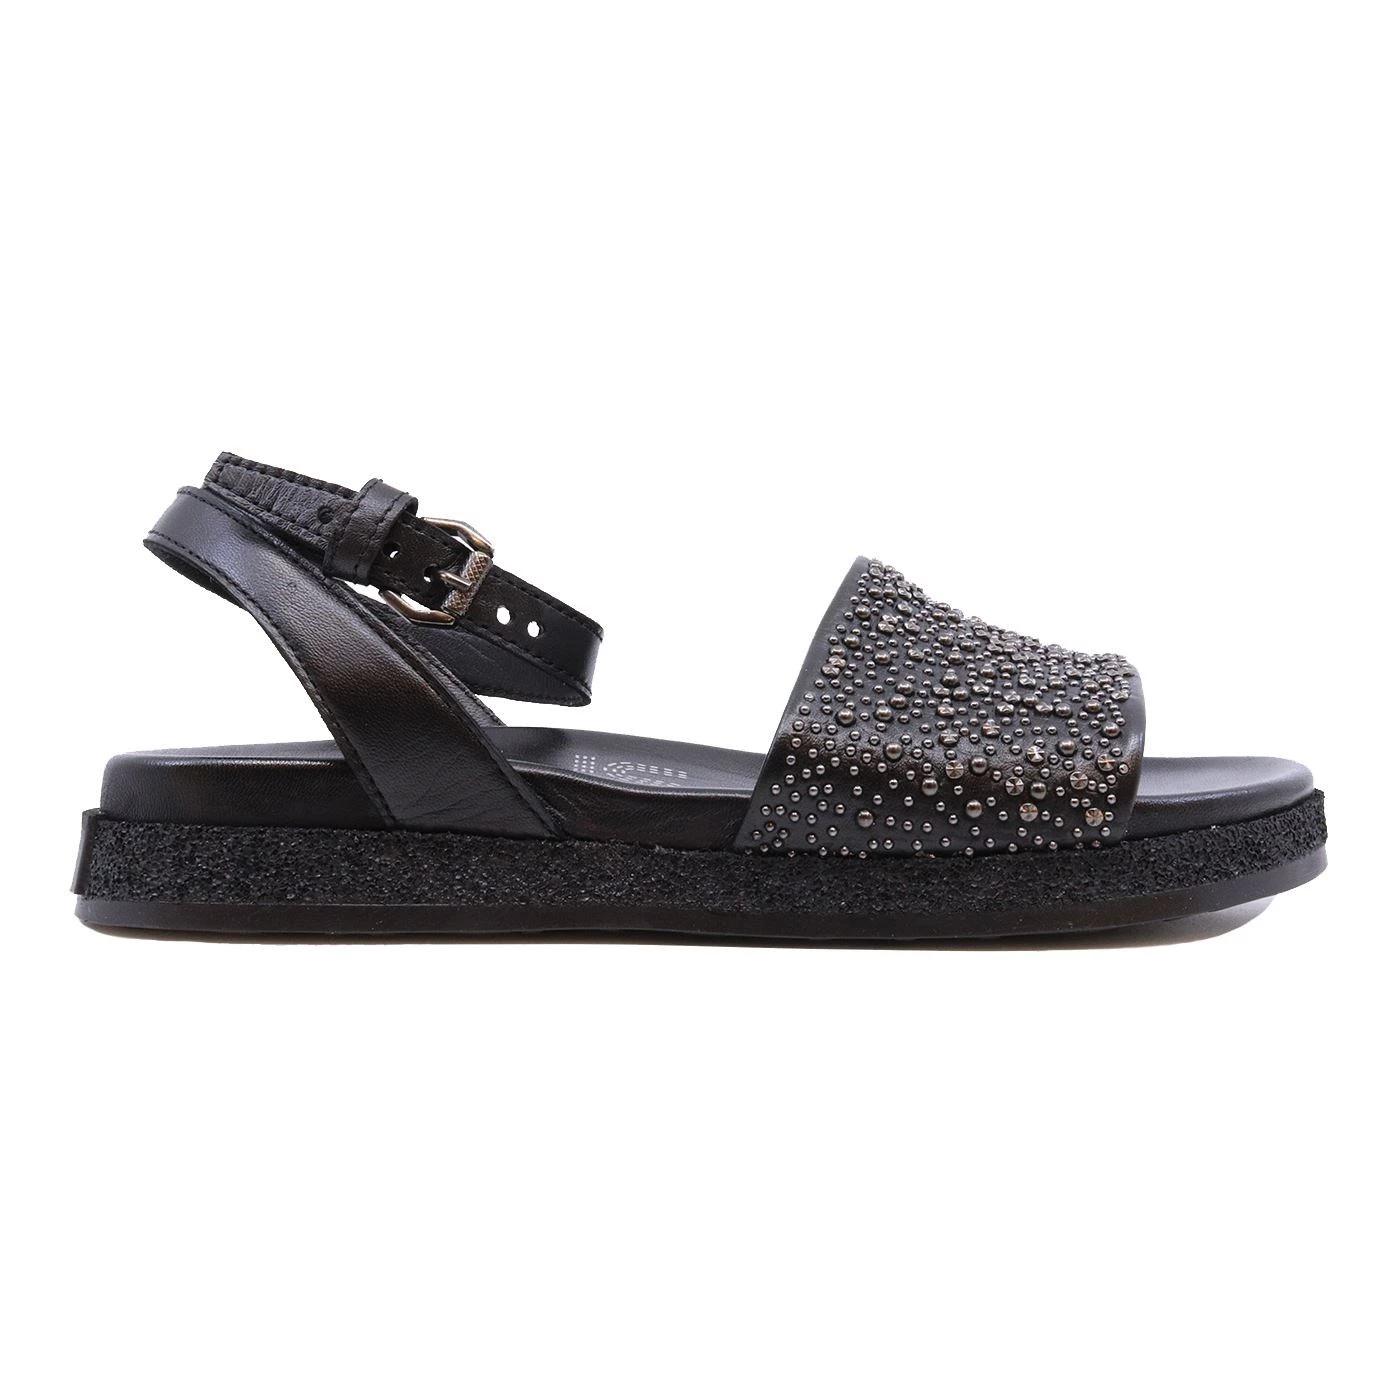 Mjus M92004 sandalo da donna in pelle nera con borchie